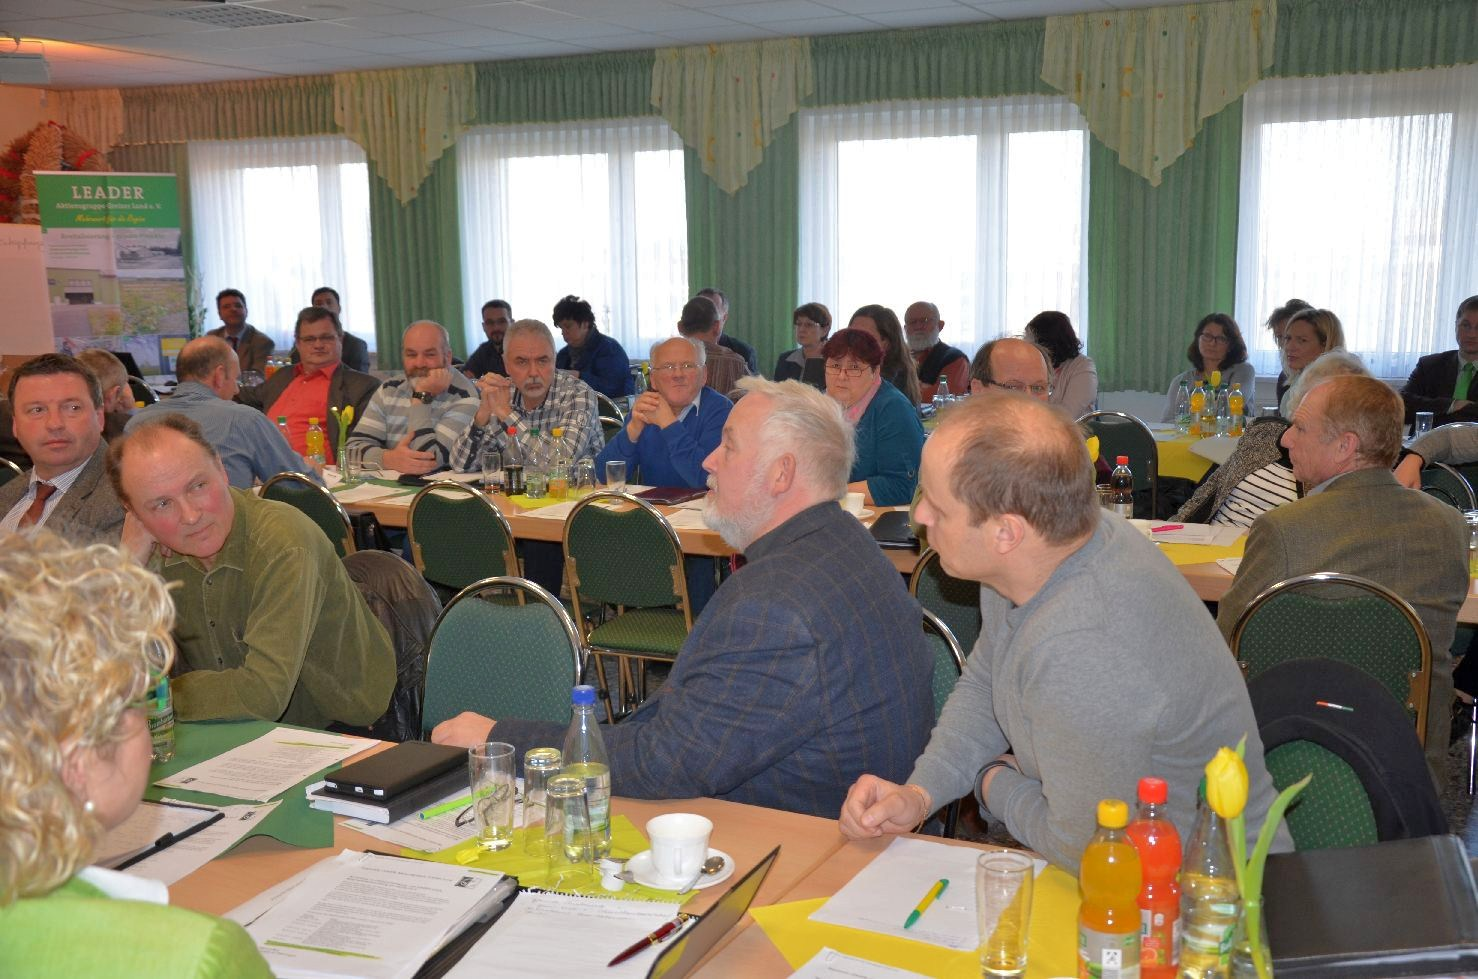 """2. Workshop zur Erarbeitung der RES """"Greizer Land"""" 2014-2020 am 09.03.2015 in Langenwetzendorf"""